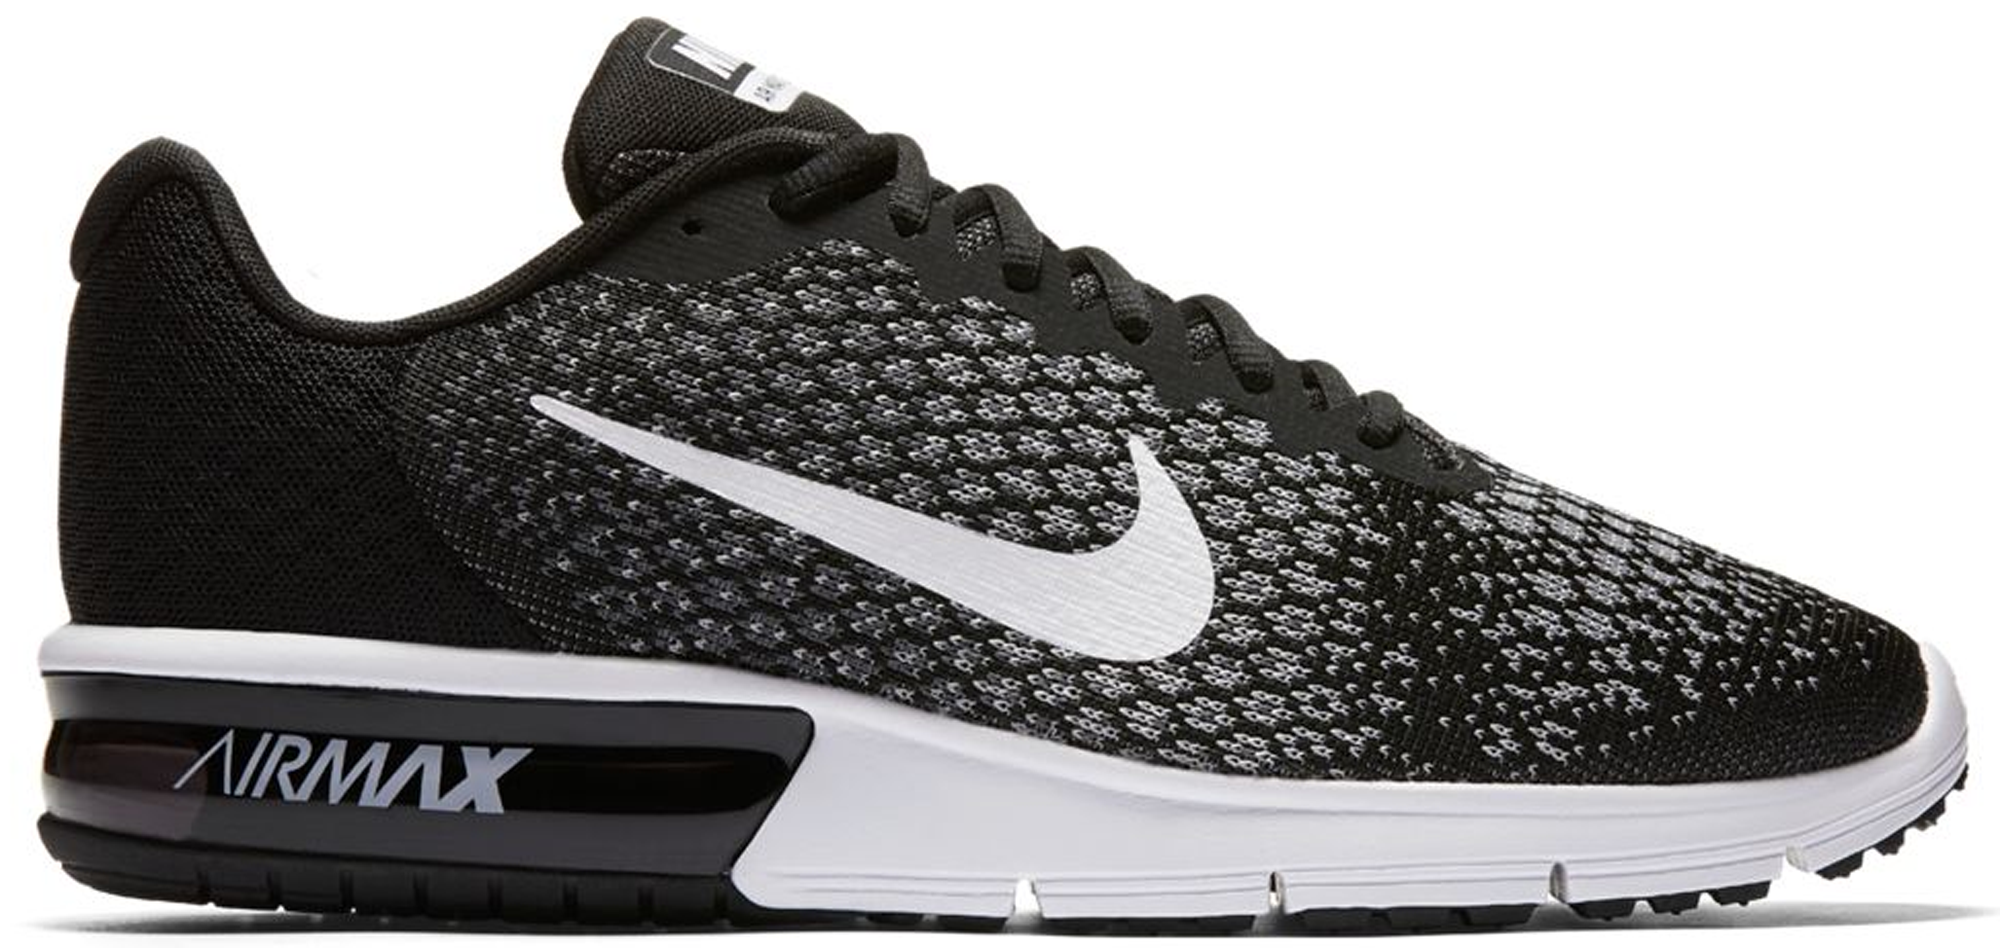 Nike Air Max Sequent 2 Black White